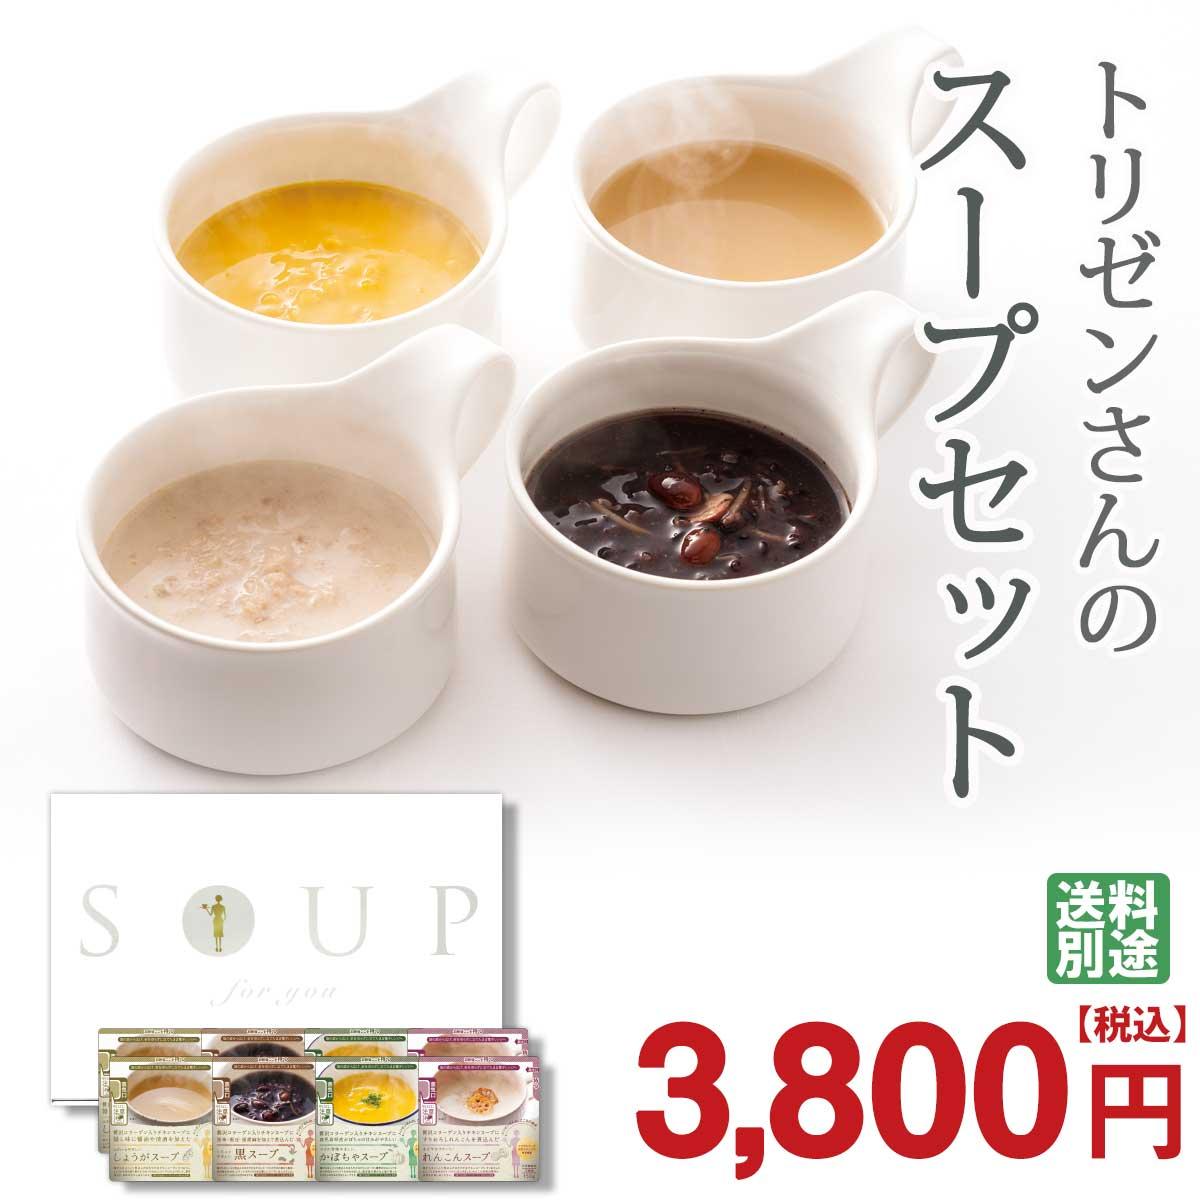 スープセット